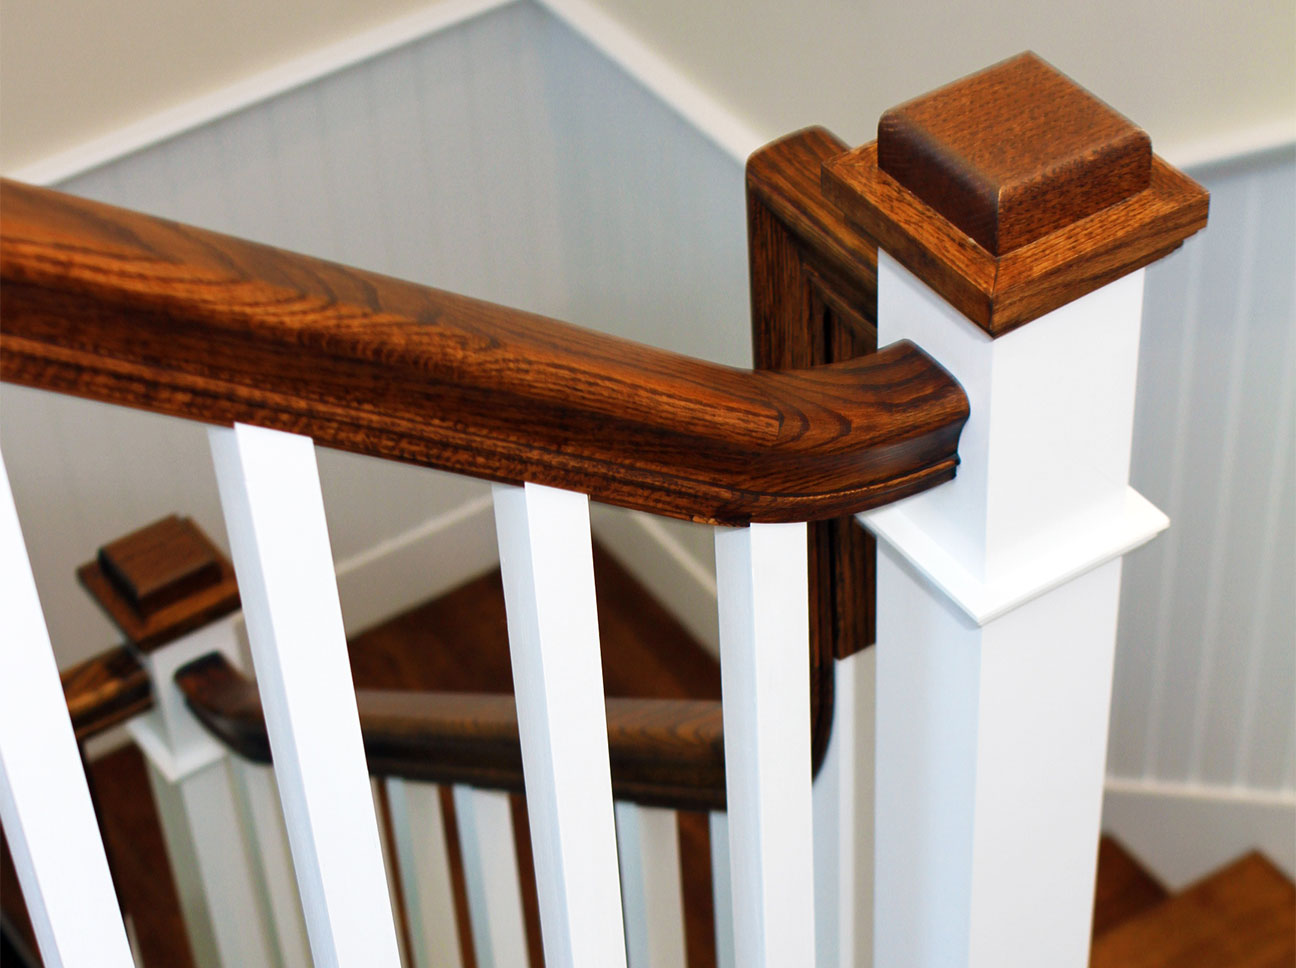 Douston-Millwork-Banister Detail